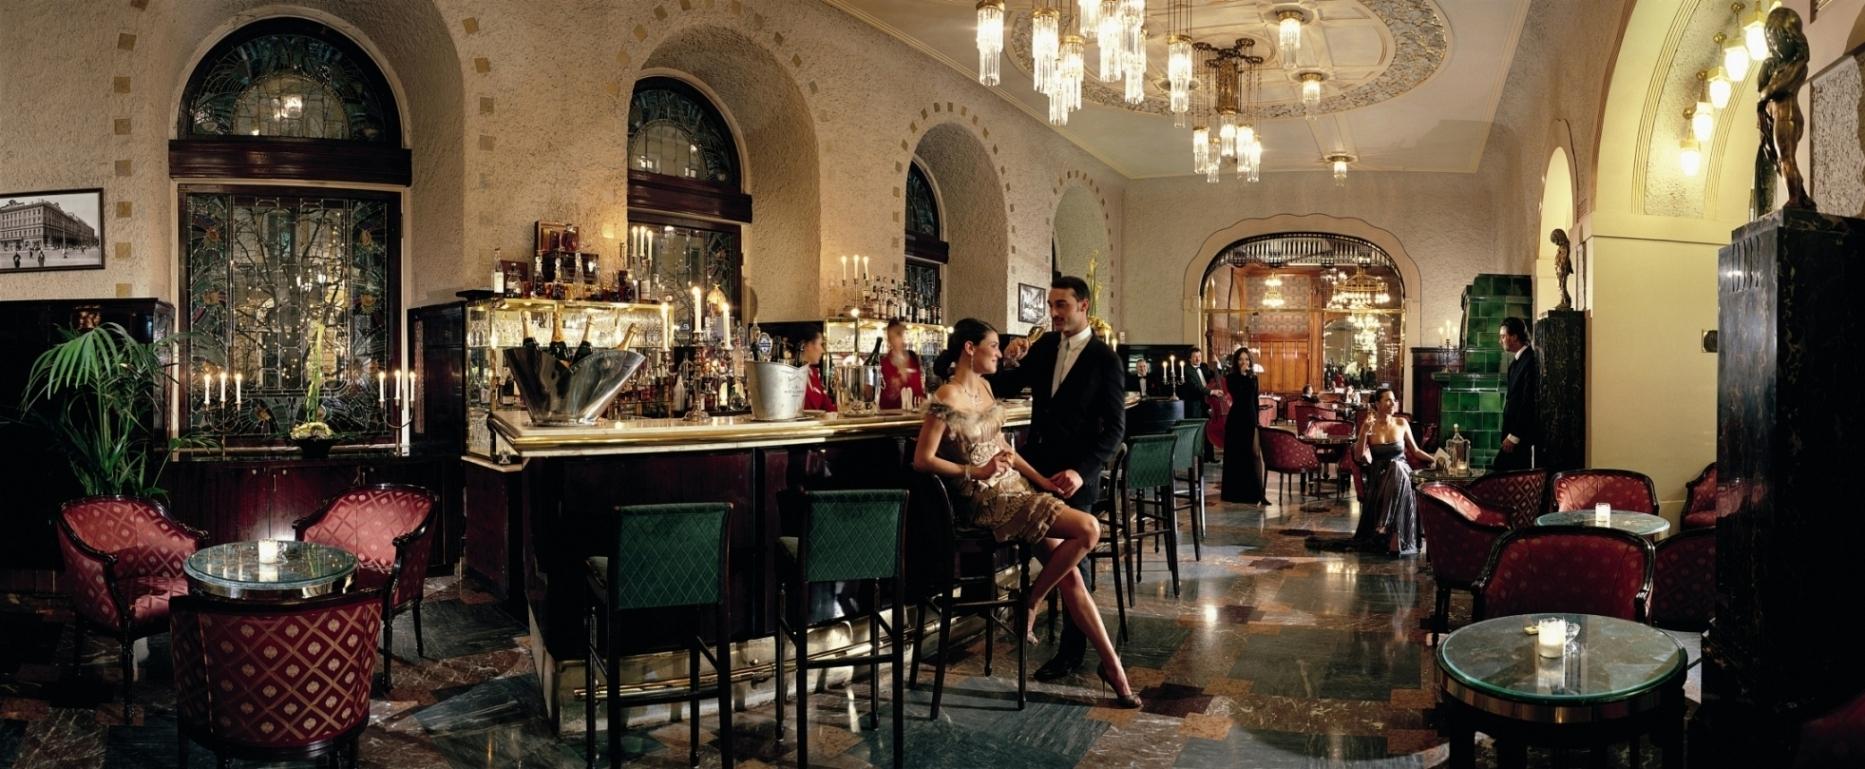 Гостиница заказать проституток в Санкт-Петербурге эротический массаж щорса в Санкт-Петербурге